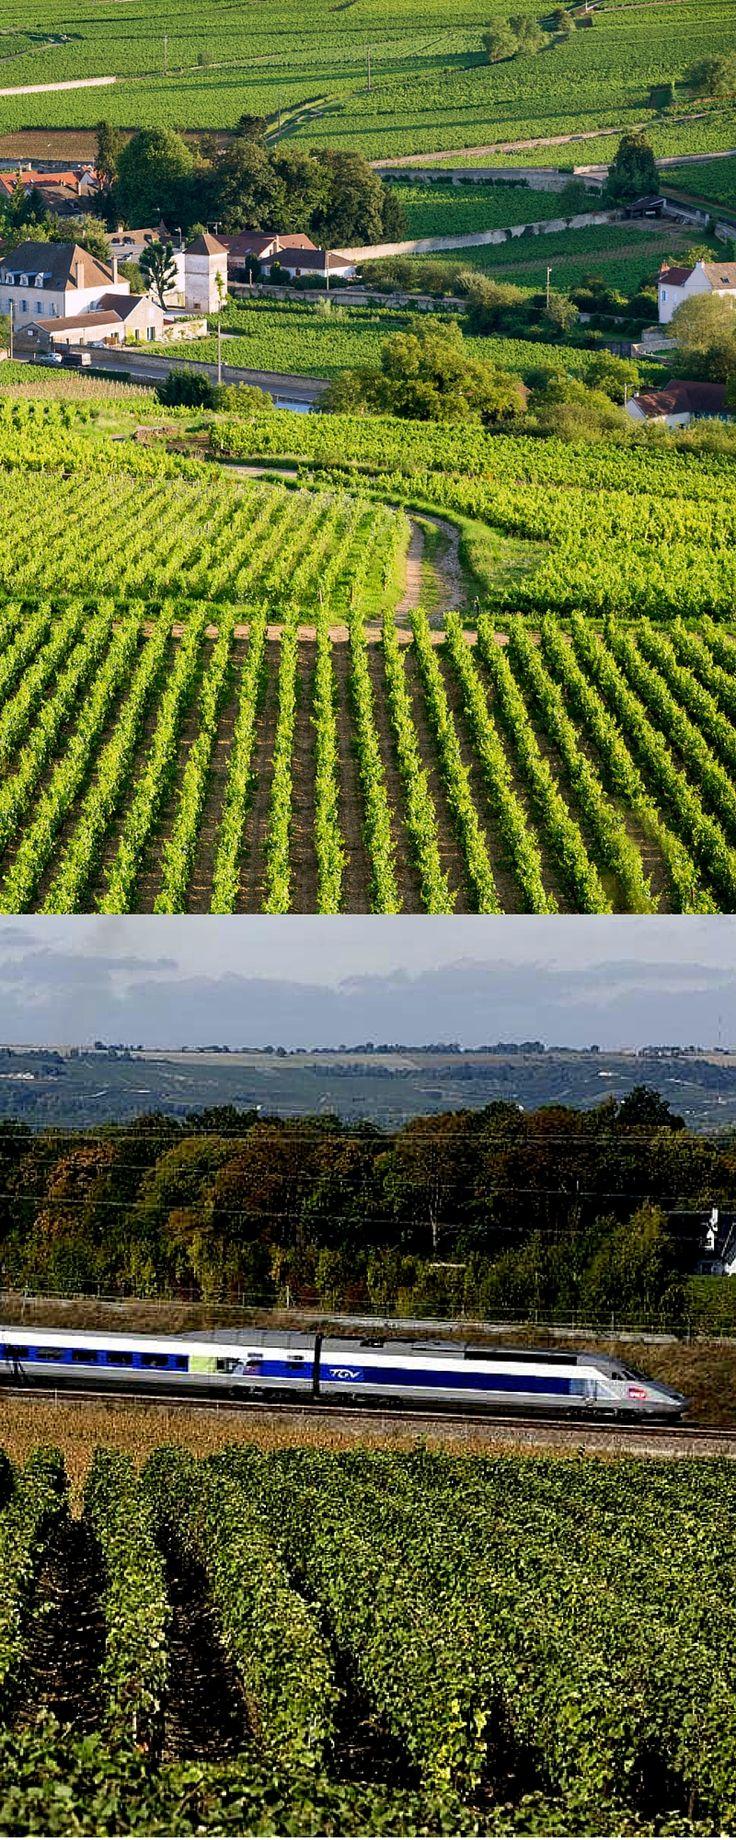 Visite os vinhedos da Borgonha de trem! Dijon e Beaune são duas das cidades com estações de trem nessa região. #france #frança #borgonha #vinhedos